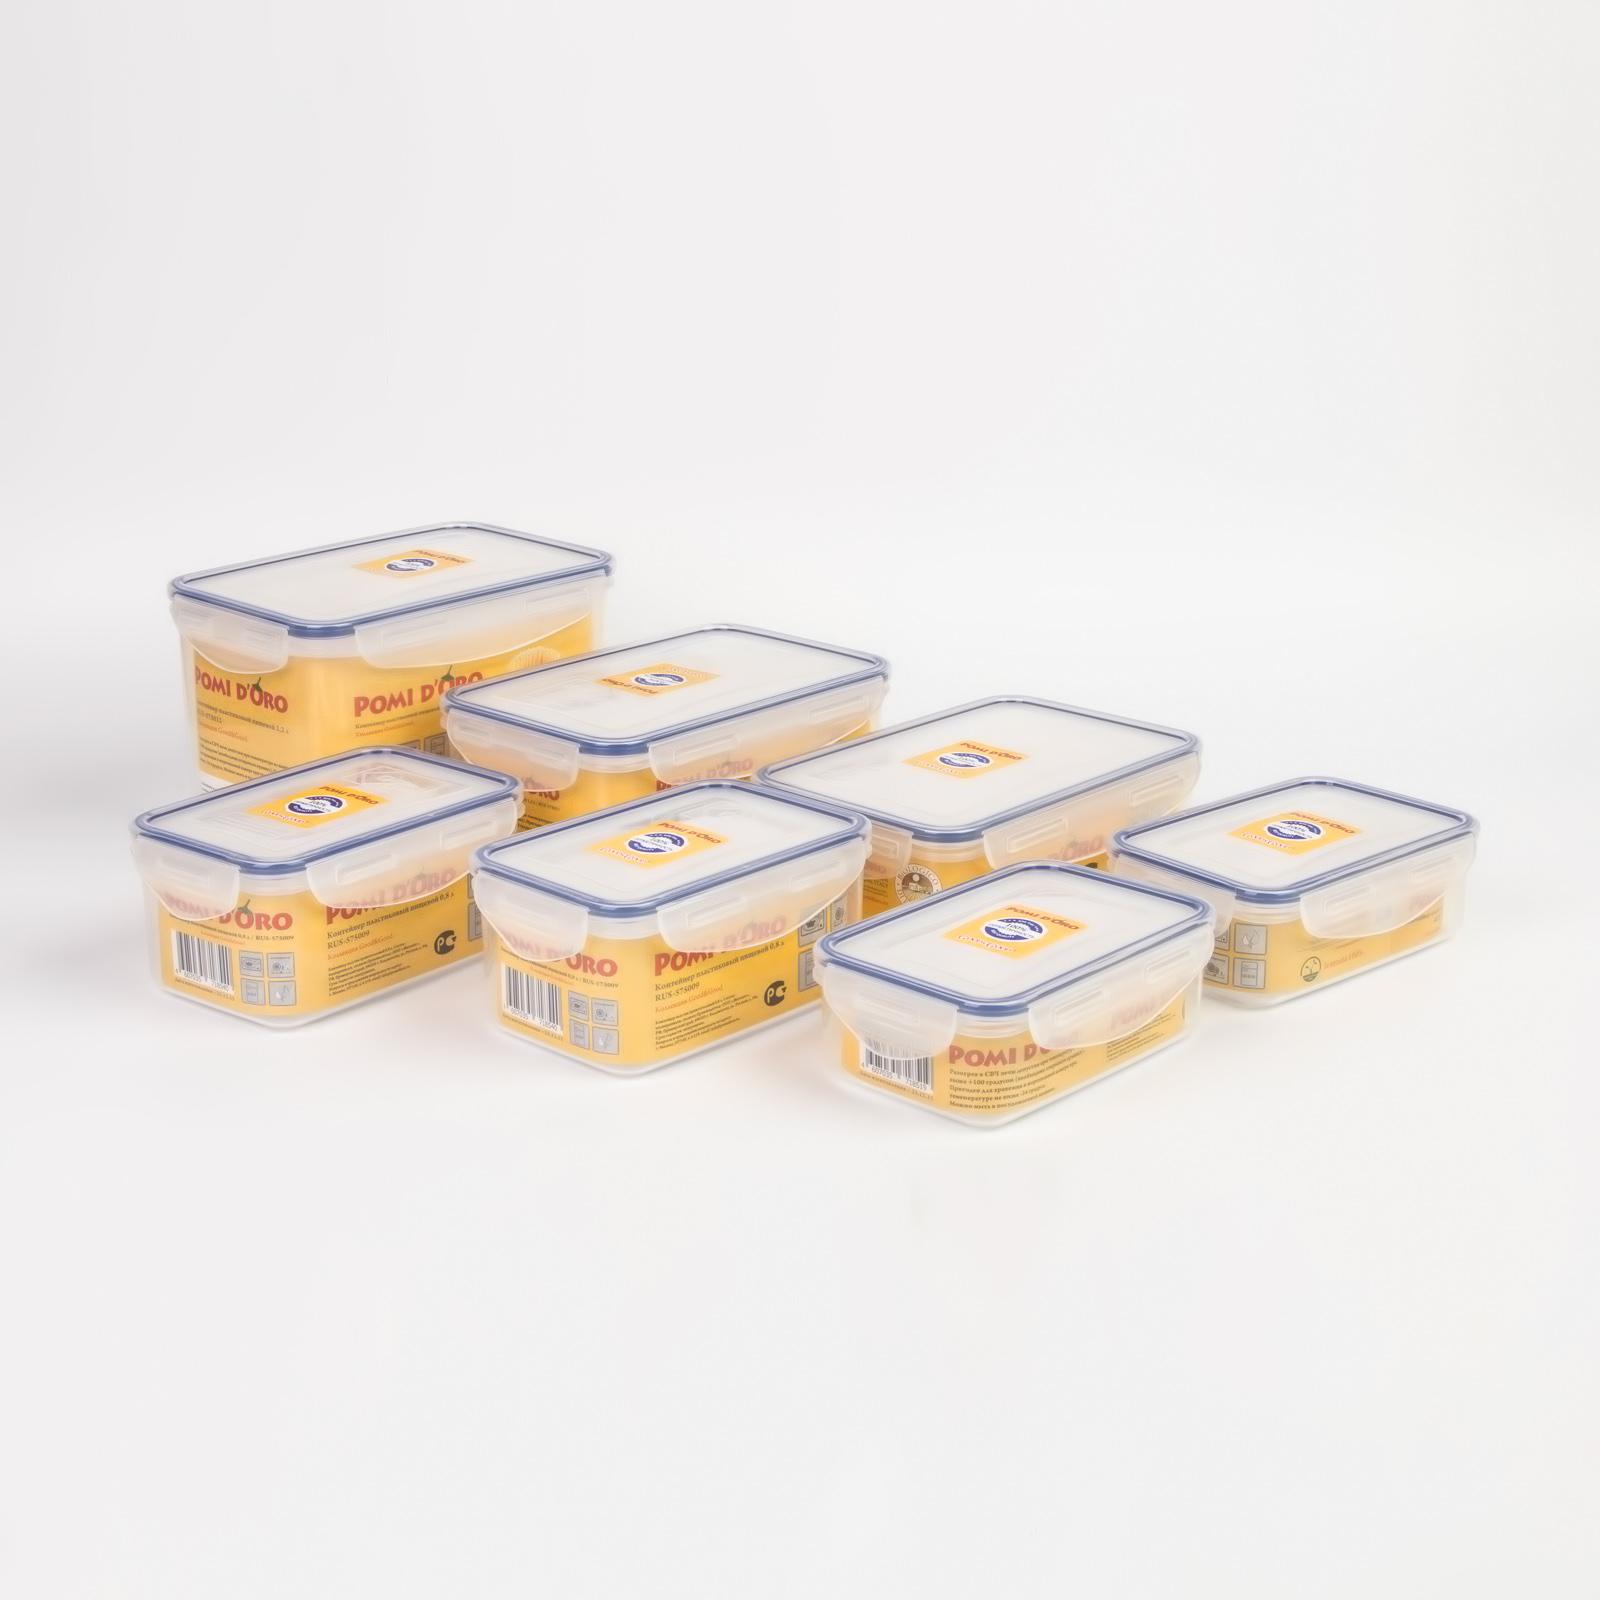 Чудо-набор пищевых контейнеров